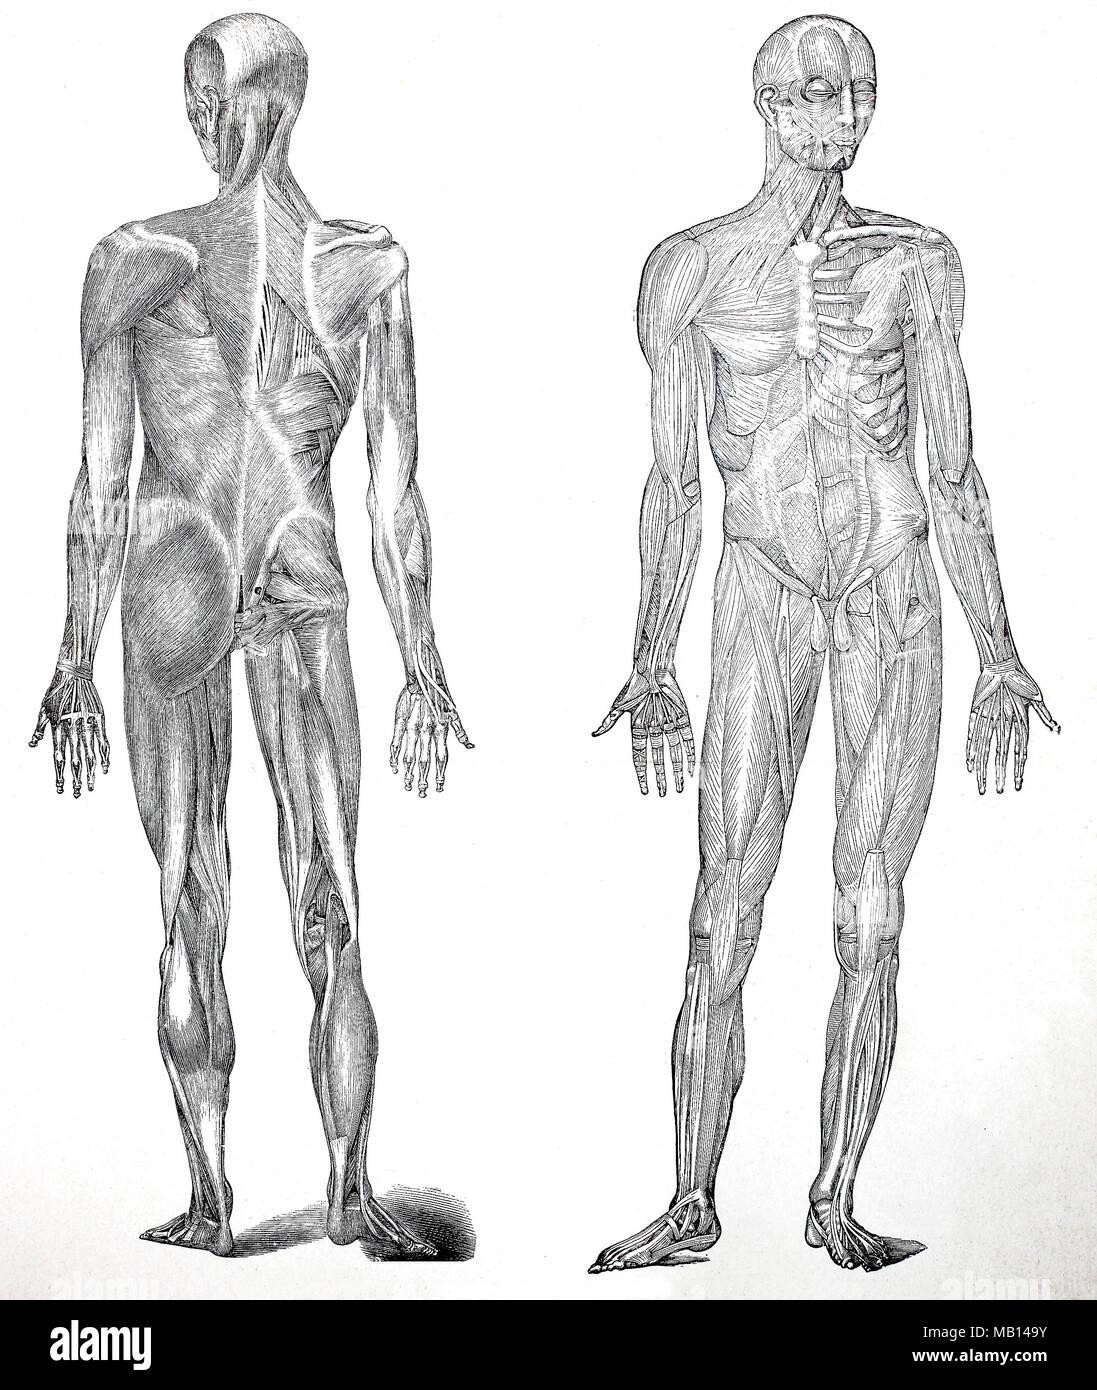 Ausgezeichnet Muskeln Des Menschlichen Körpers Ideen - Physiologie ...